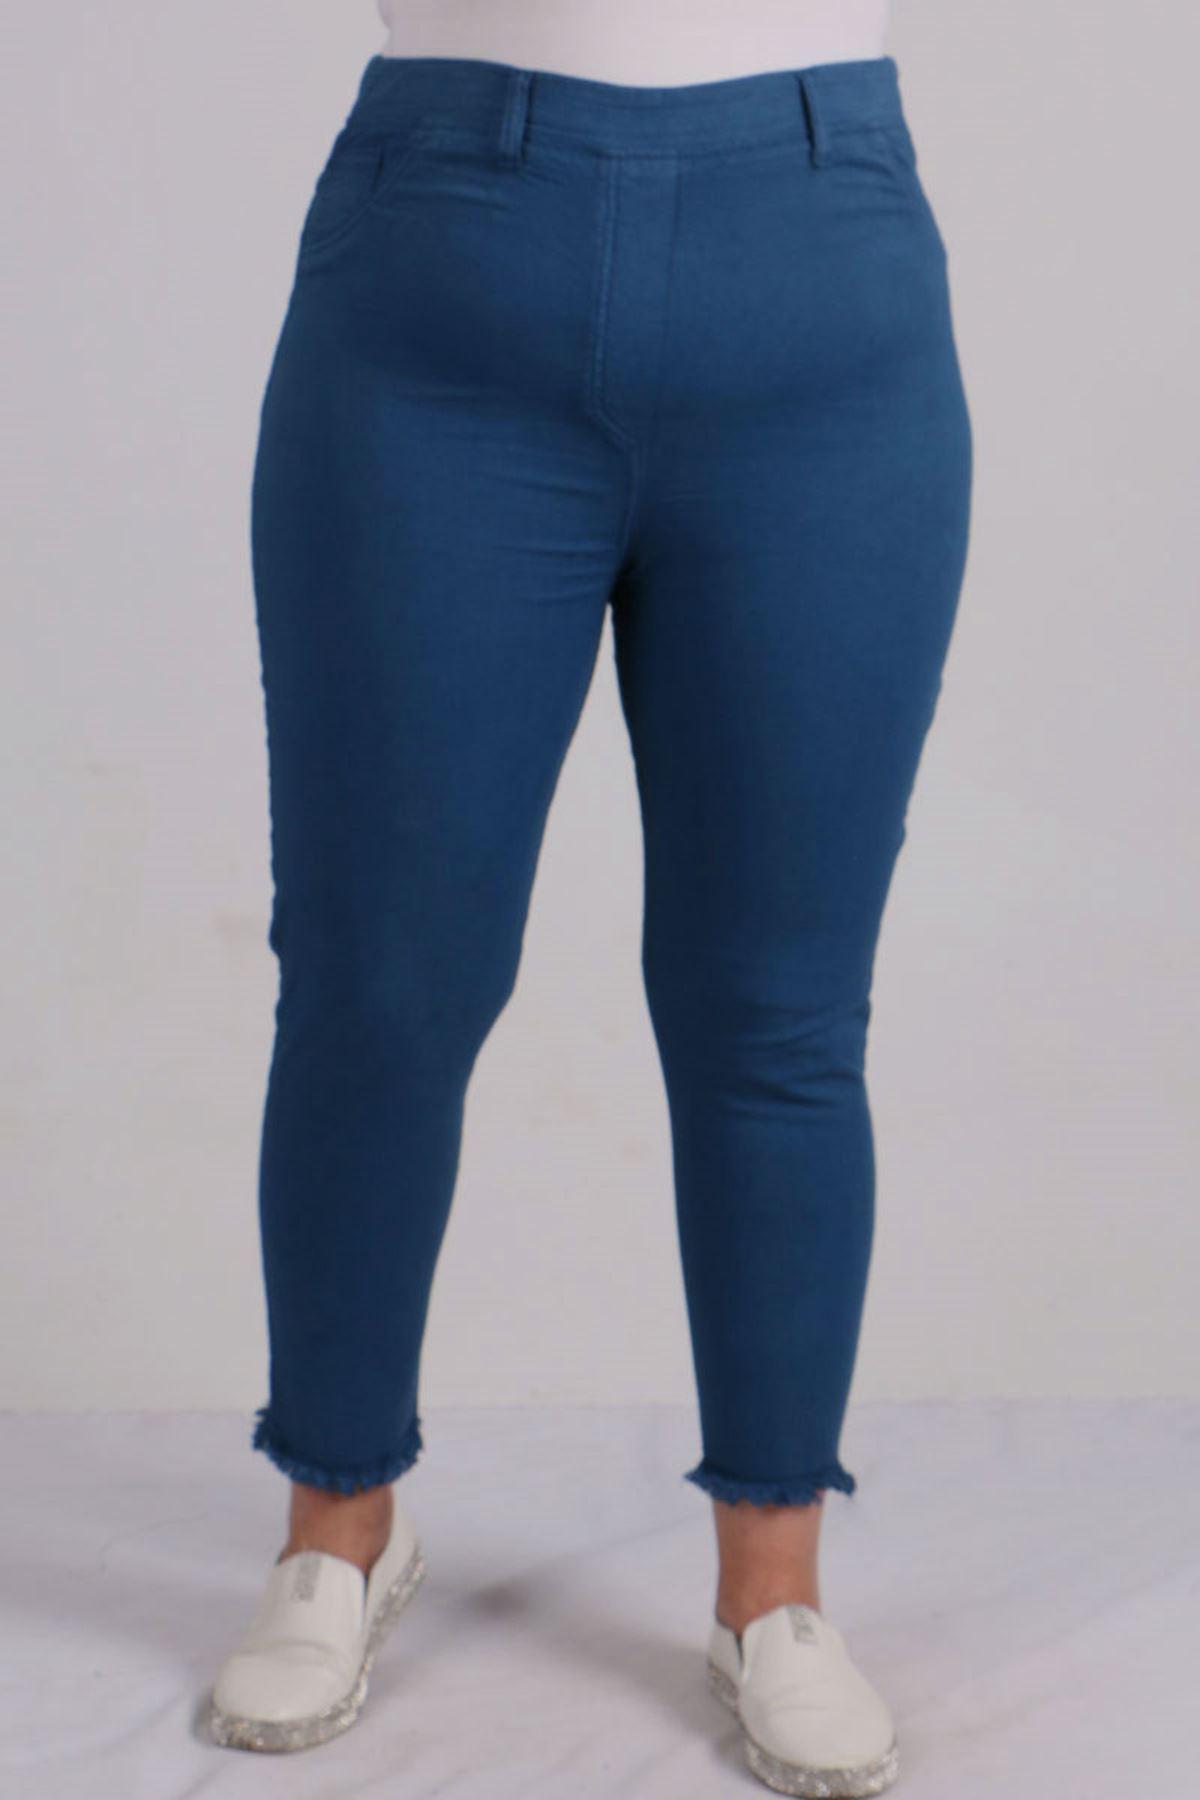 9151 Tasseled Skinny Leg Plus Size Pants - Indigo